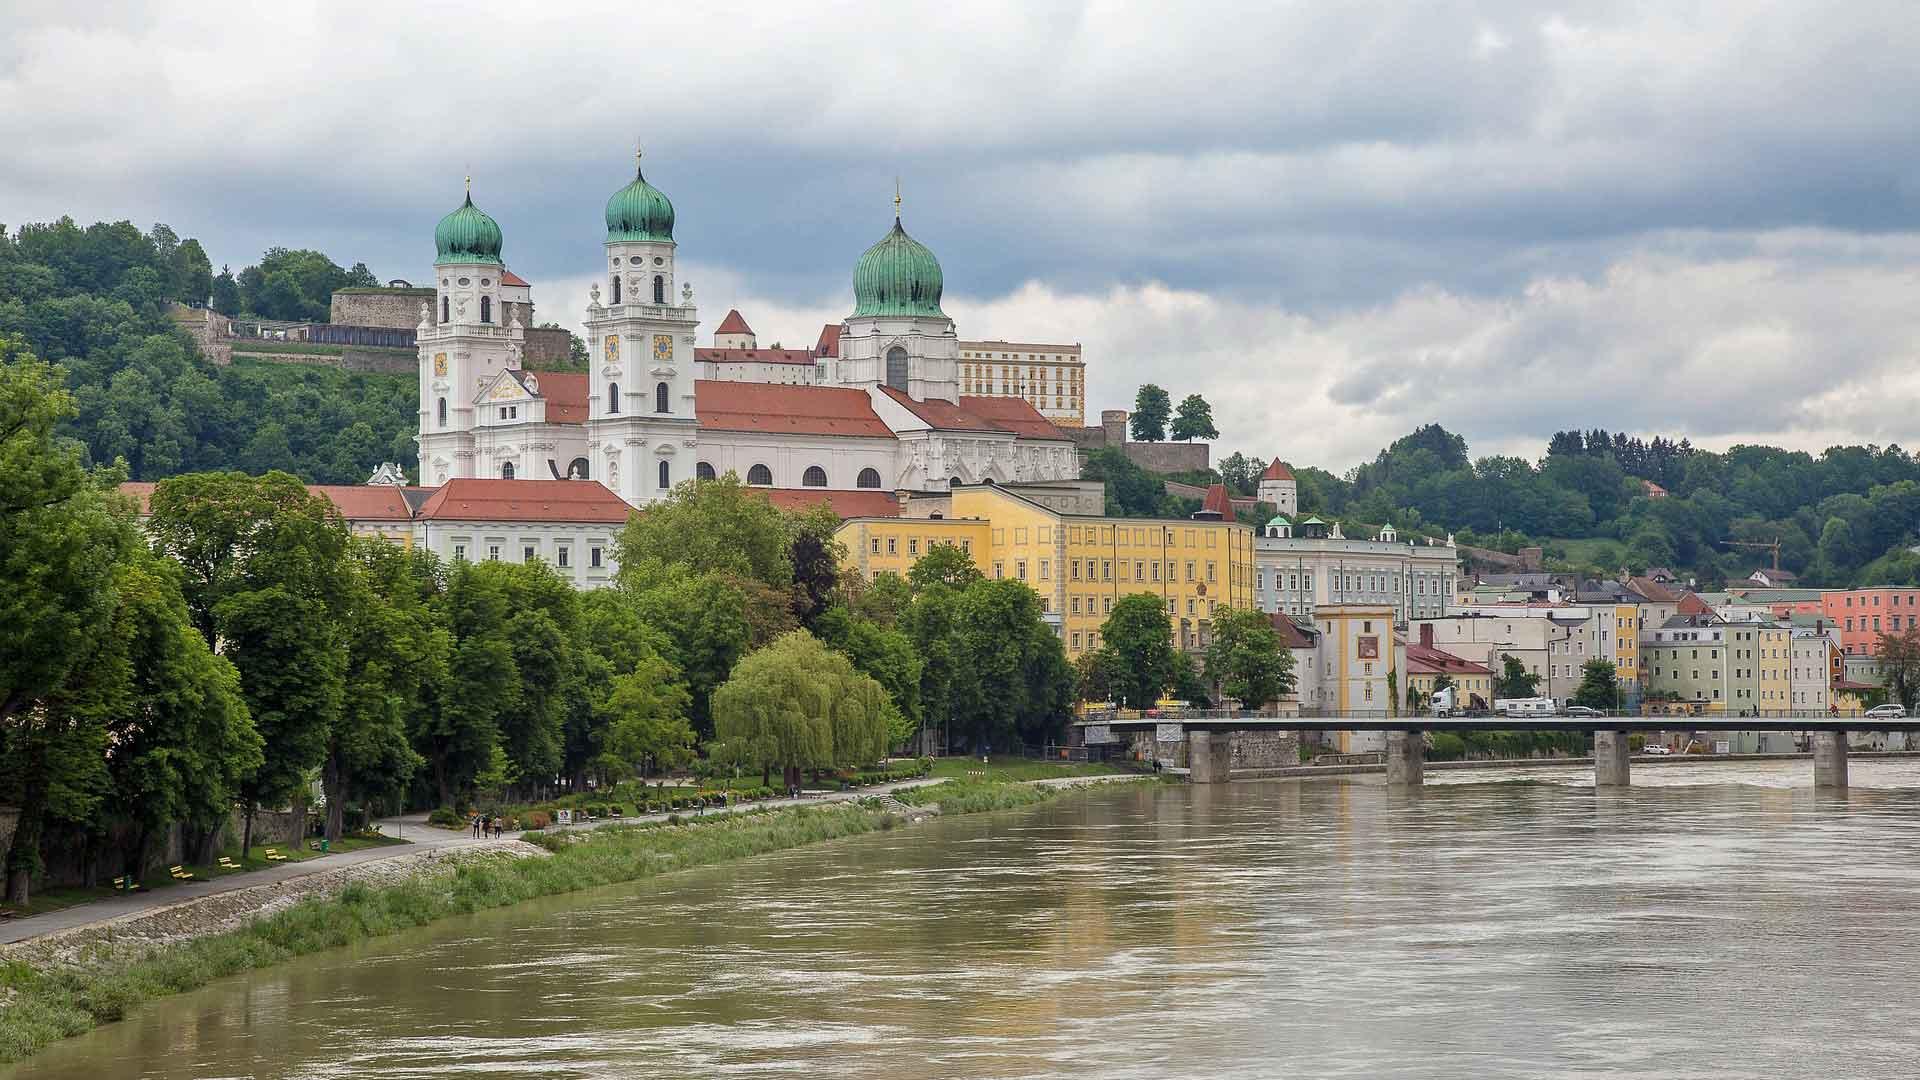 De mooie barokke dom van Passau.